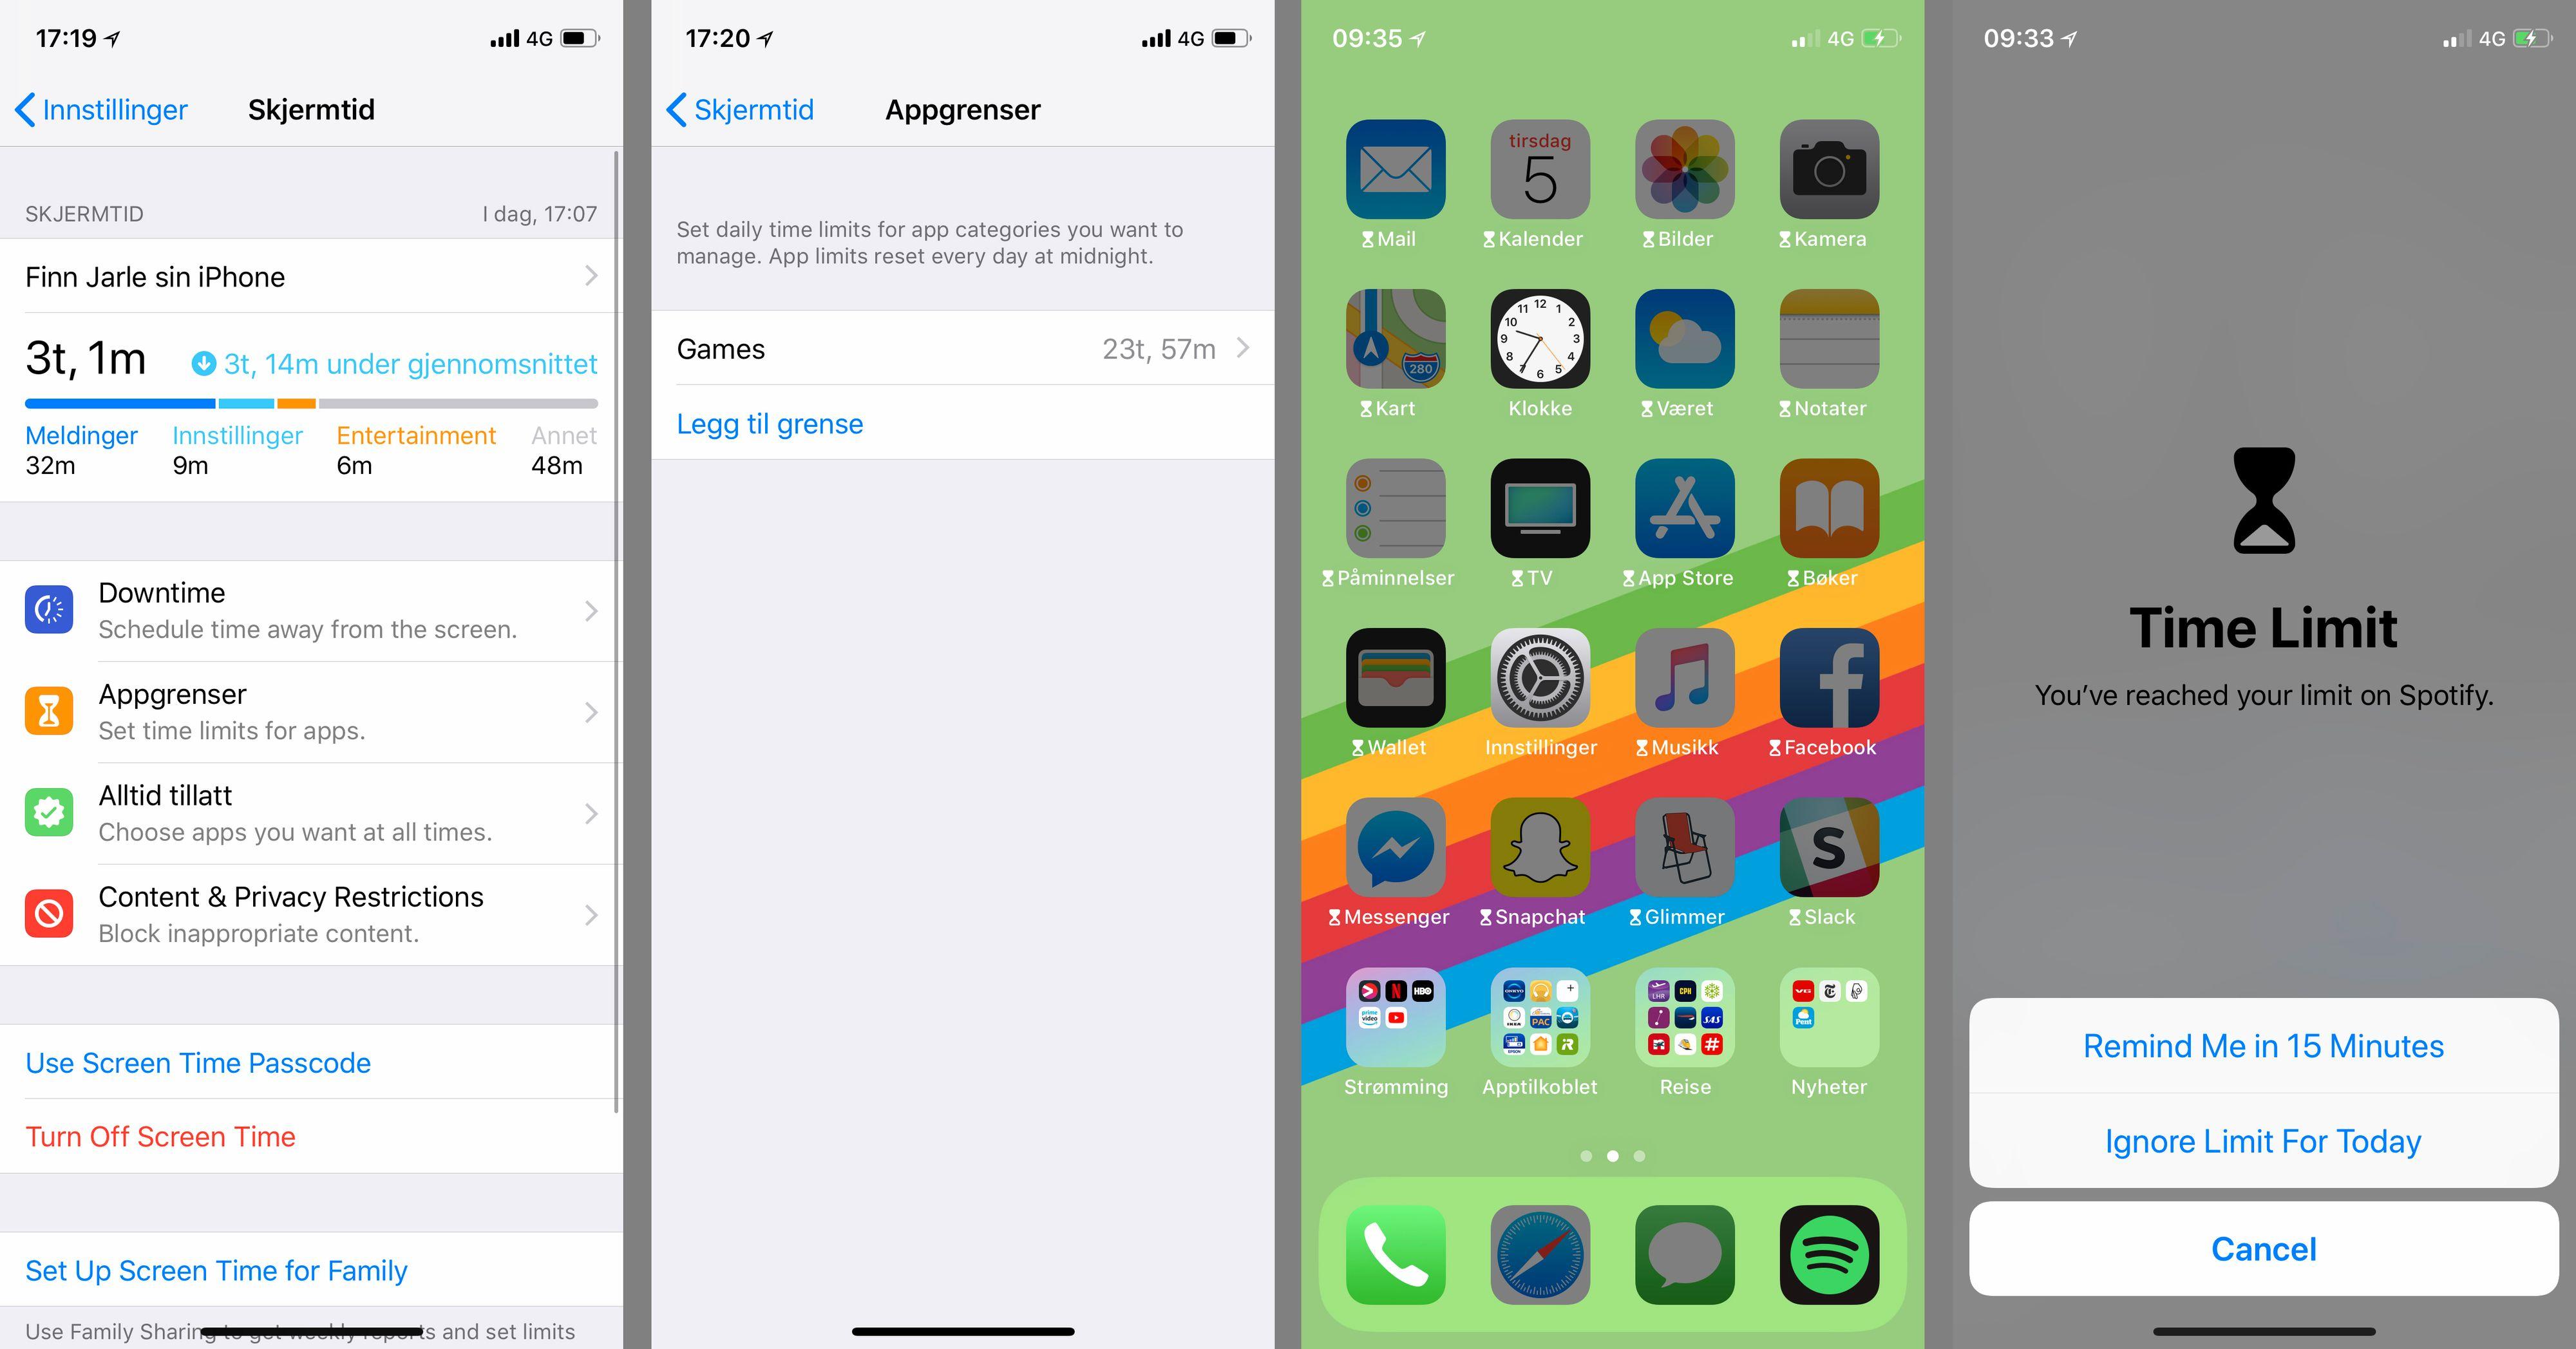 Mobilen kan være en tidstyv, men med de nye funksjonene i iOS 12 får du lett oversikt. Det kan for eksempel være greit å begrense spillaktivitet litt mer enn det jeg har gjort i dette eksempelet. Du kan uansett overstyre funksjonen ved behov. Legg merke til språkmiksen, som er et tydelig tegn på at denne programvaren ikke er helt ferdig ennå.